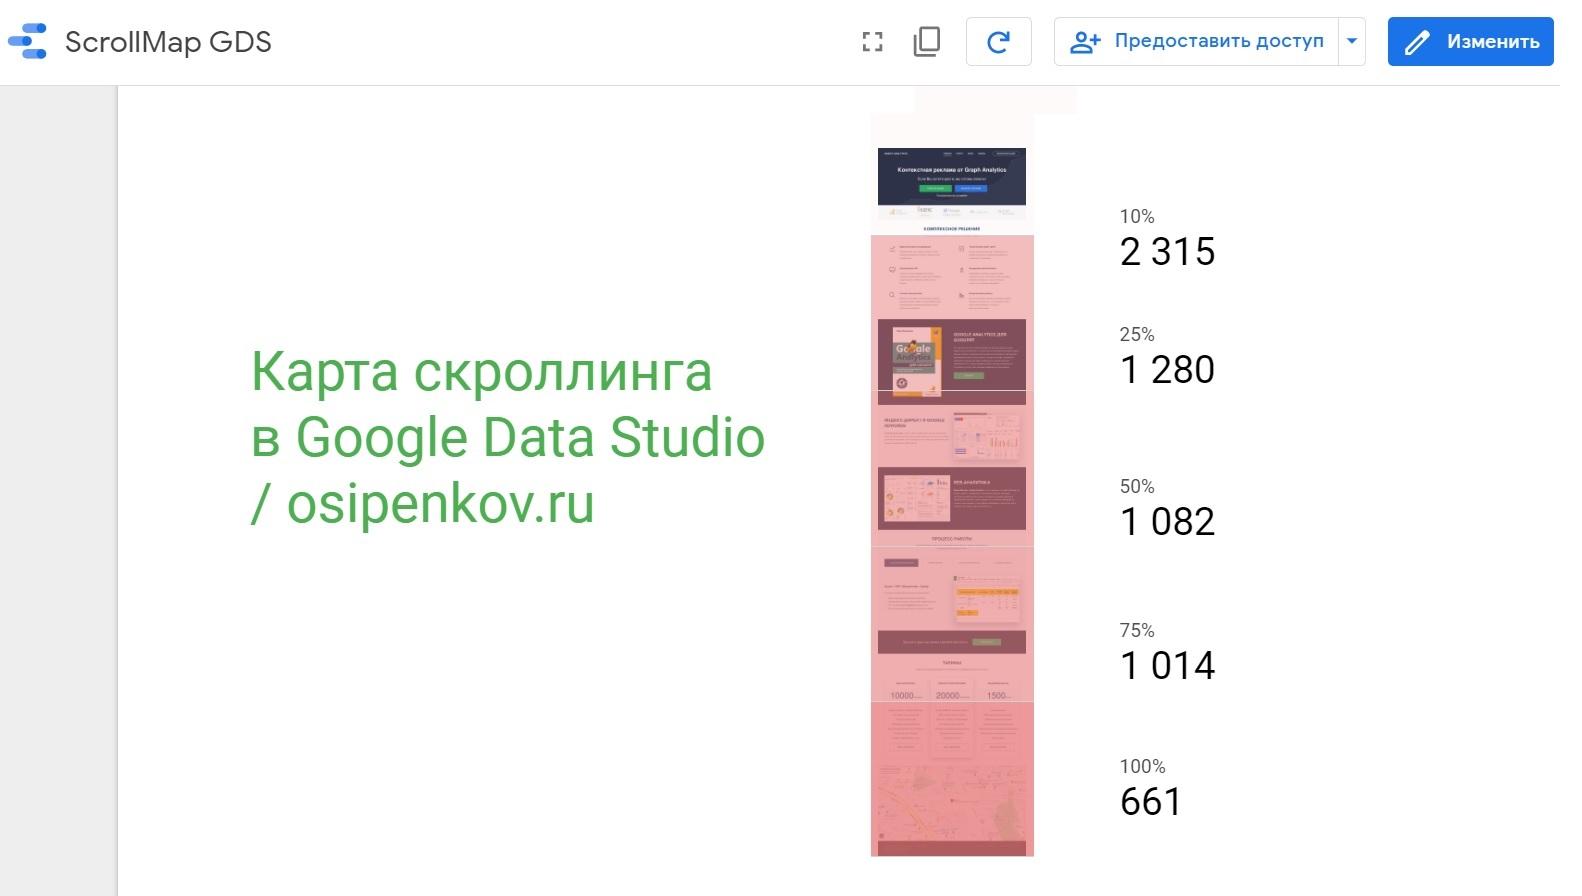 Тепловая карта скроллинга в Google Data Studio